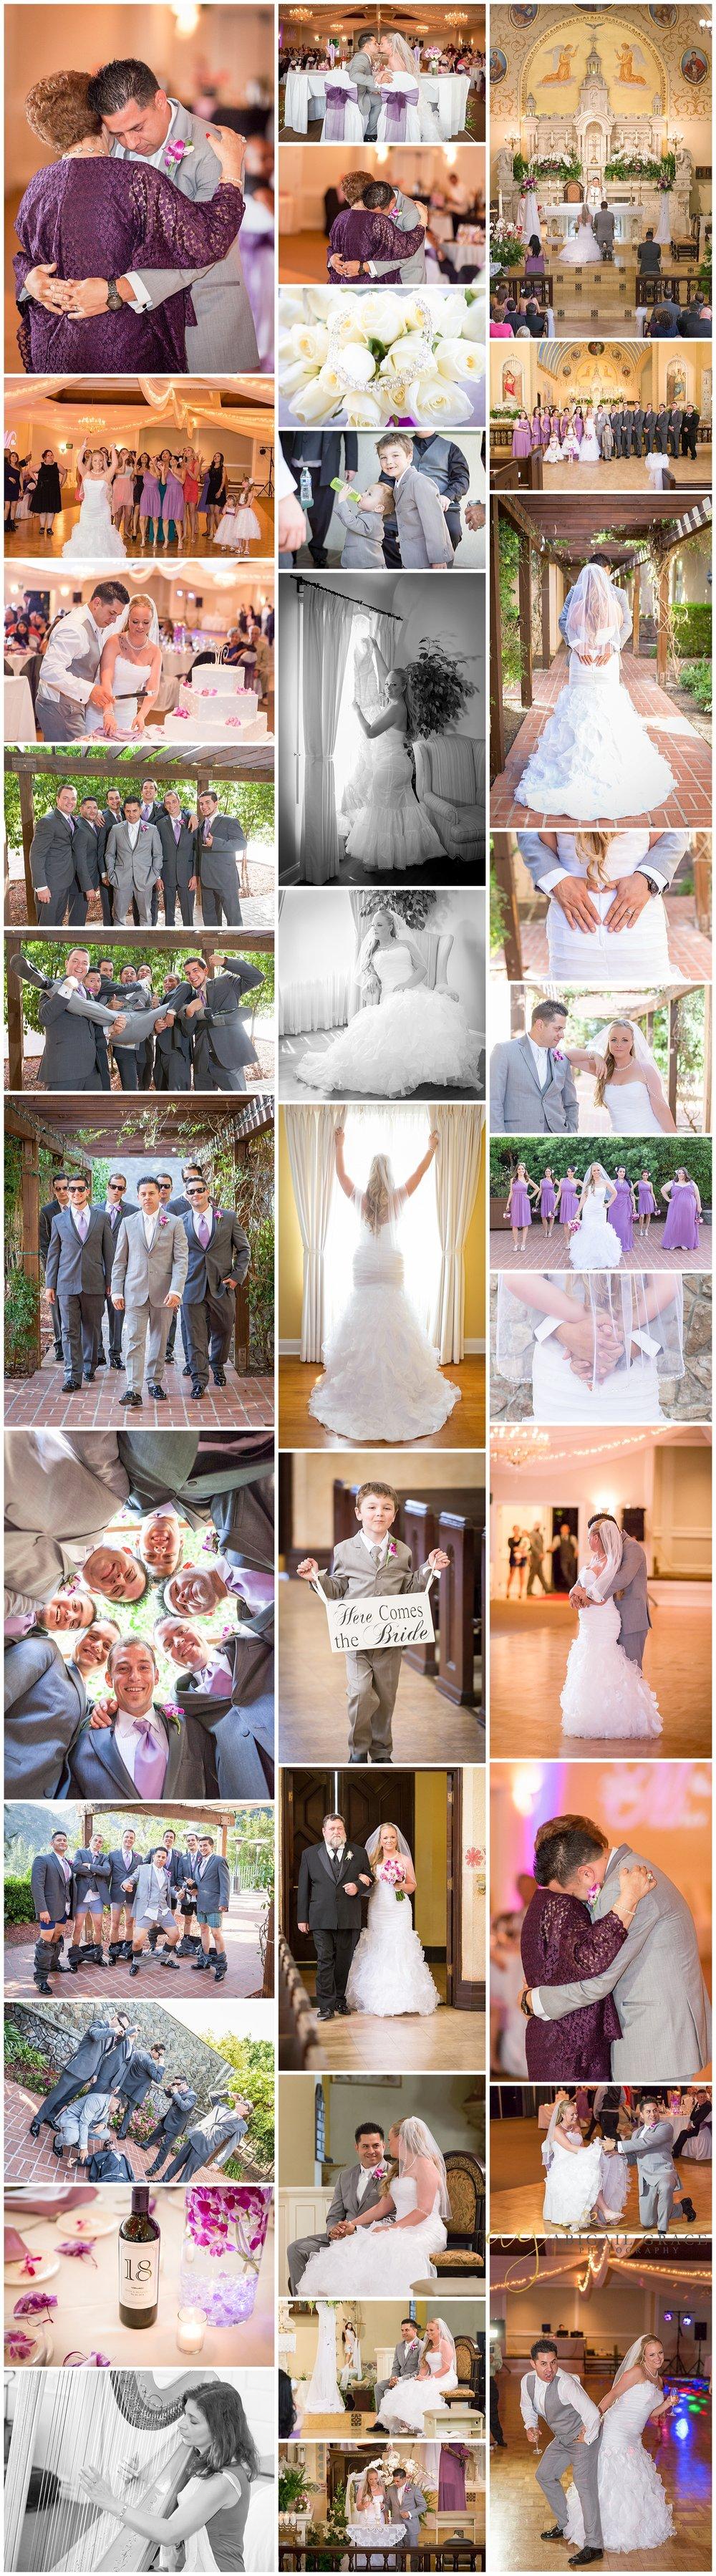 church family wedding photos